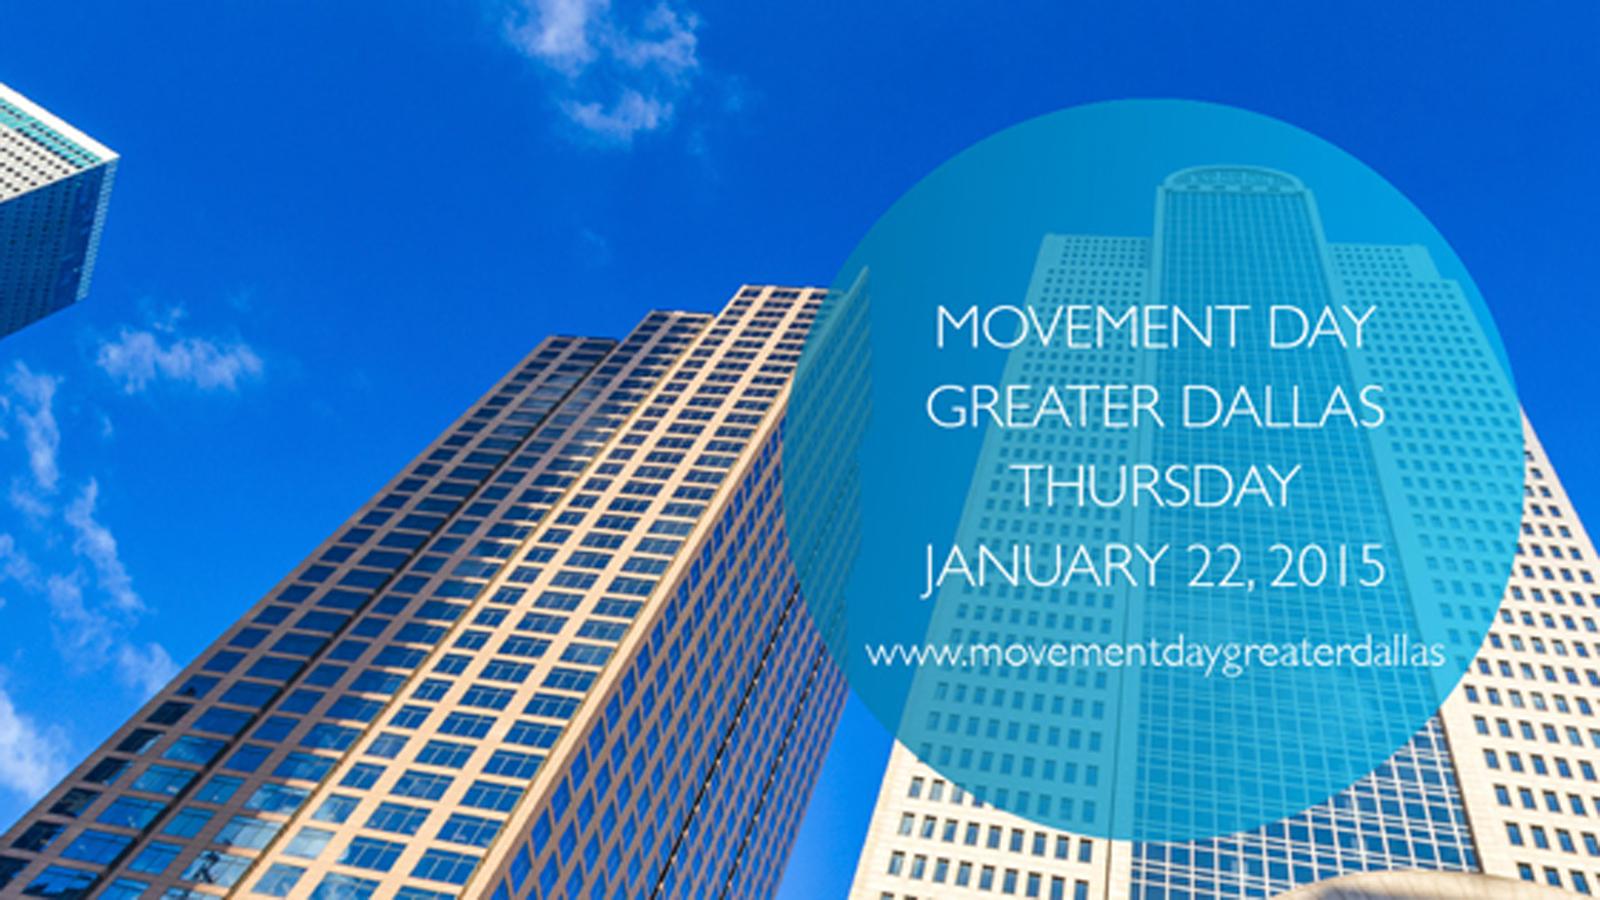 Movement Day Greater Dallas